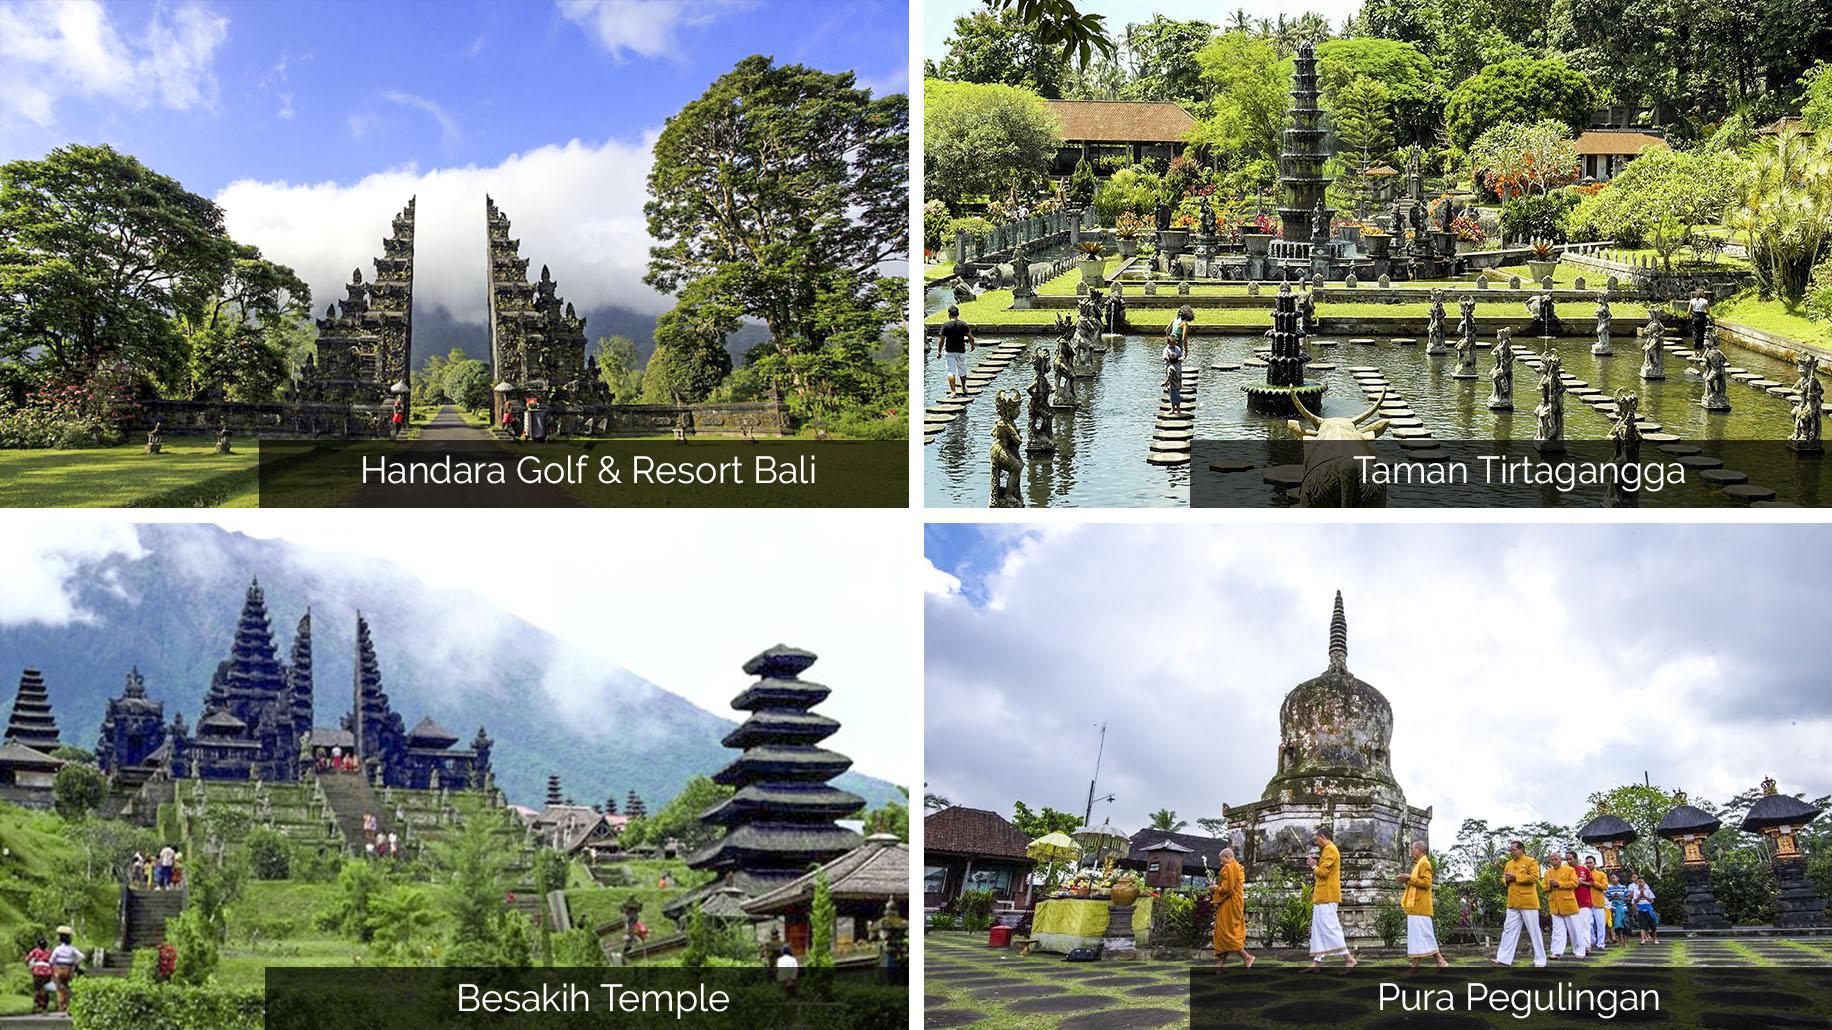 du lịch Bali-Attractions-1- ngaylangthang